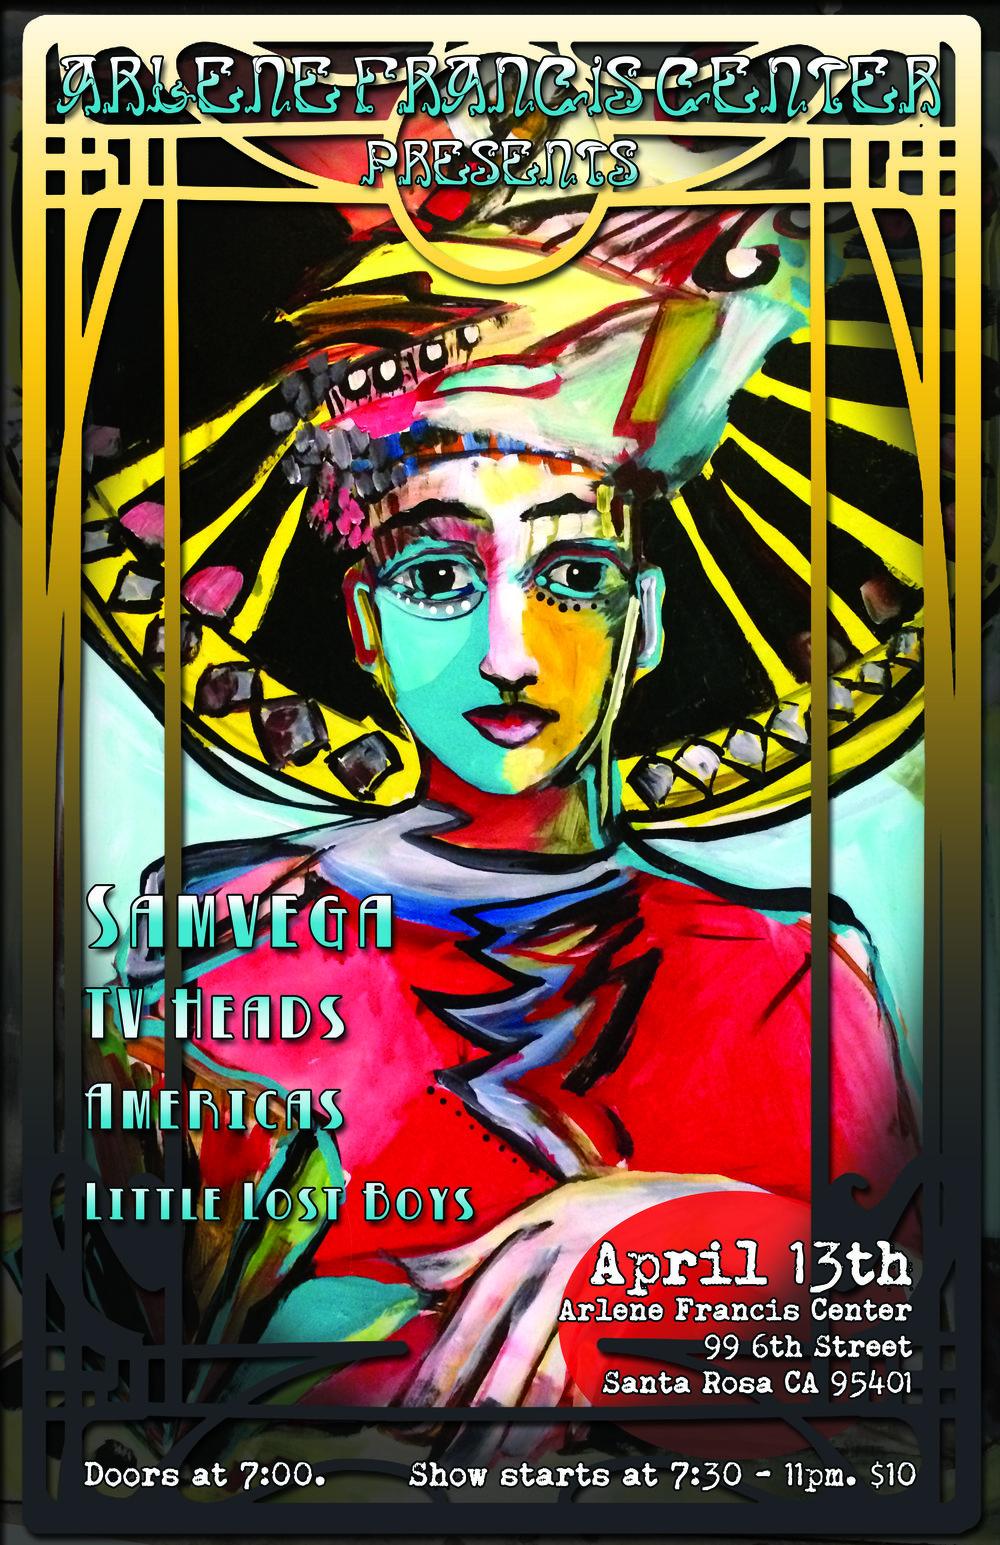 SV AFC Show Poster 4-13-17 Mel.jpg